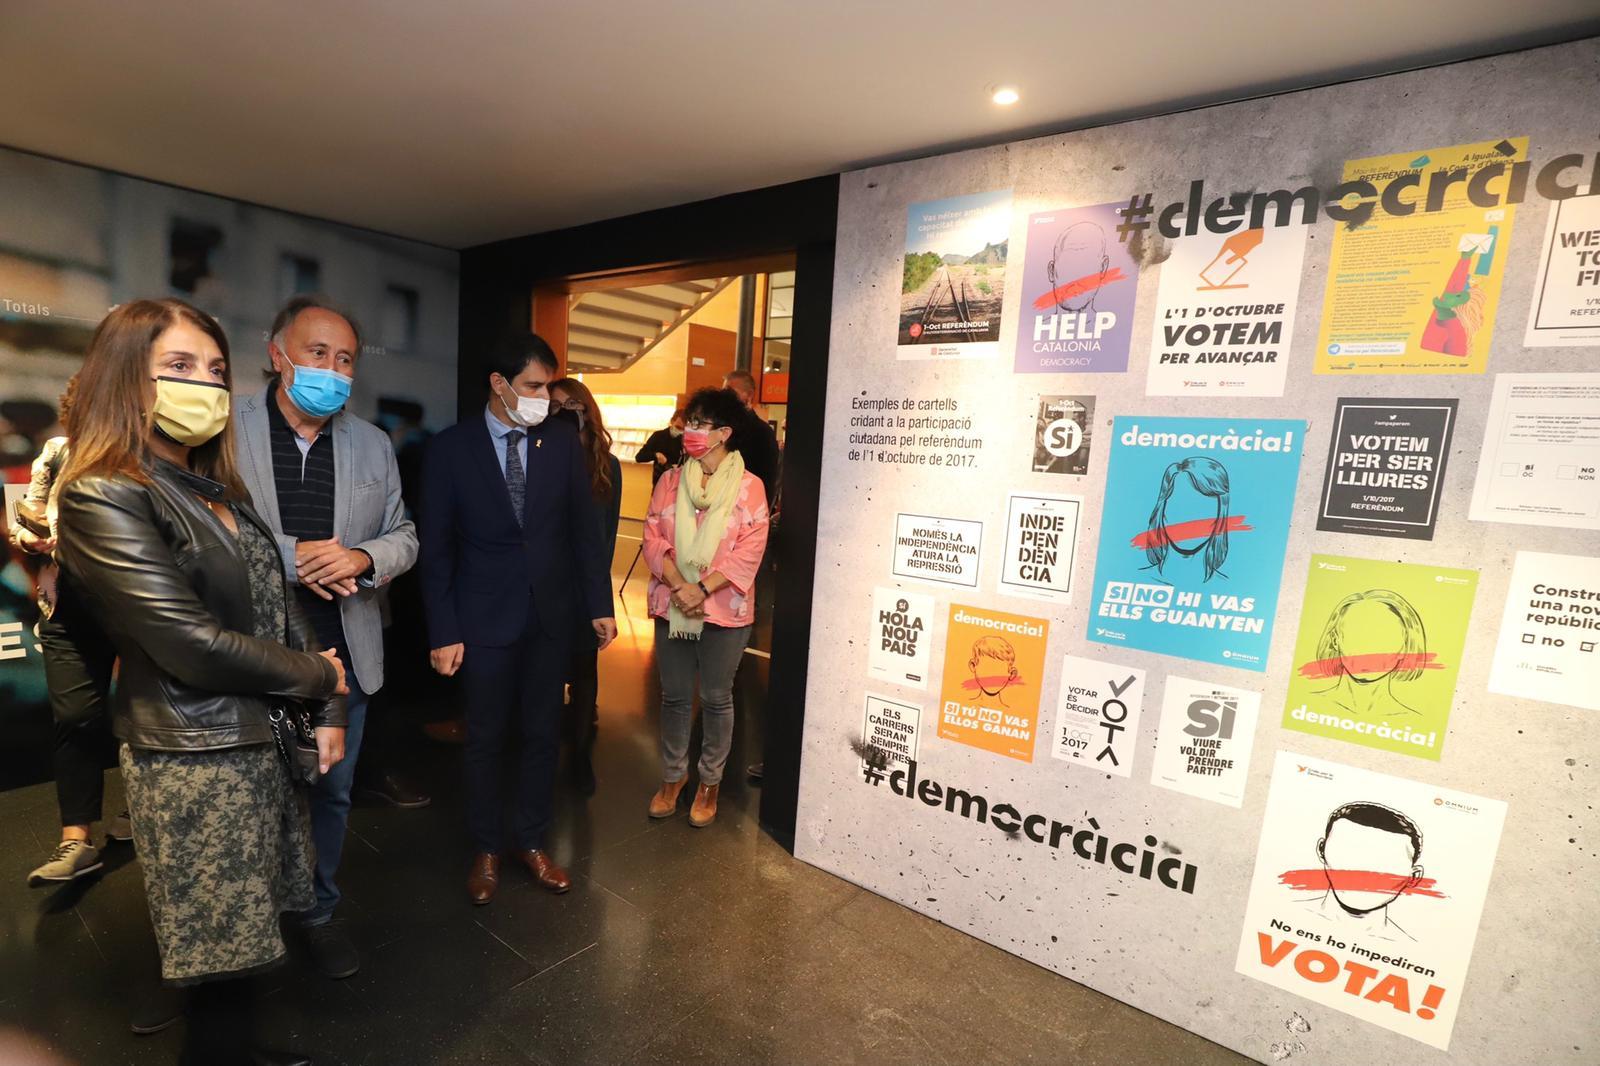 La consellera Budó inaugura l'espai 1 d'octubre a Igualada (Foto: Rubén Moreno).